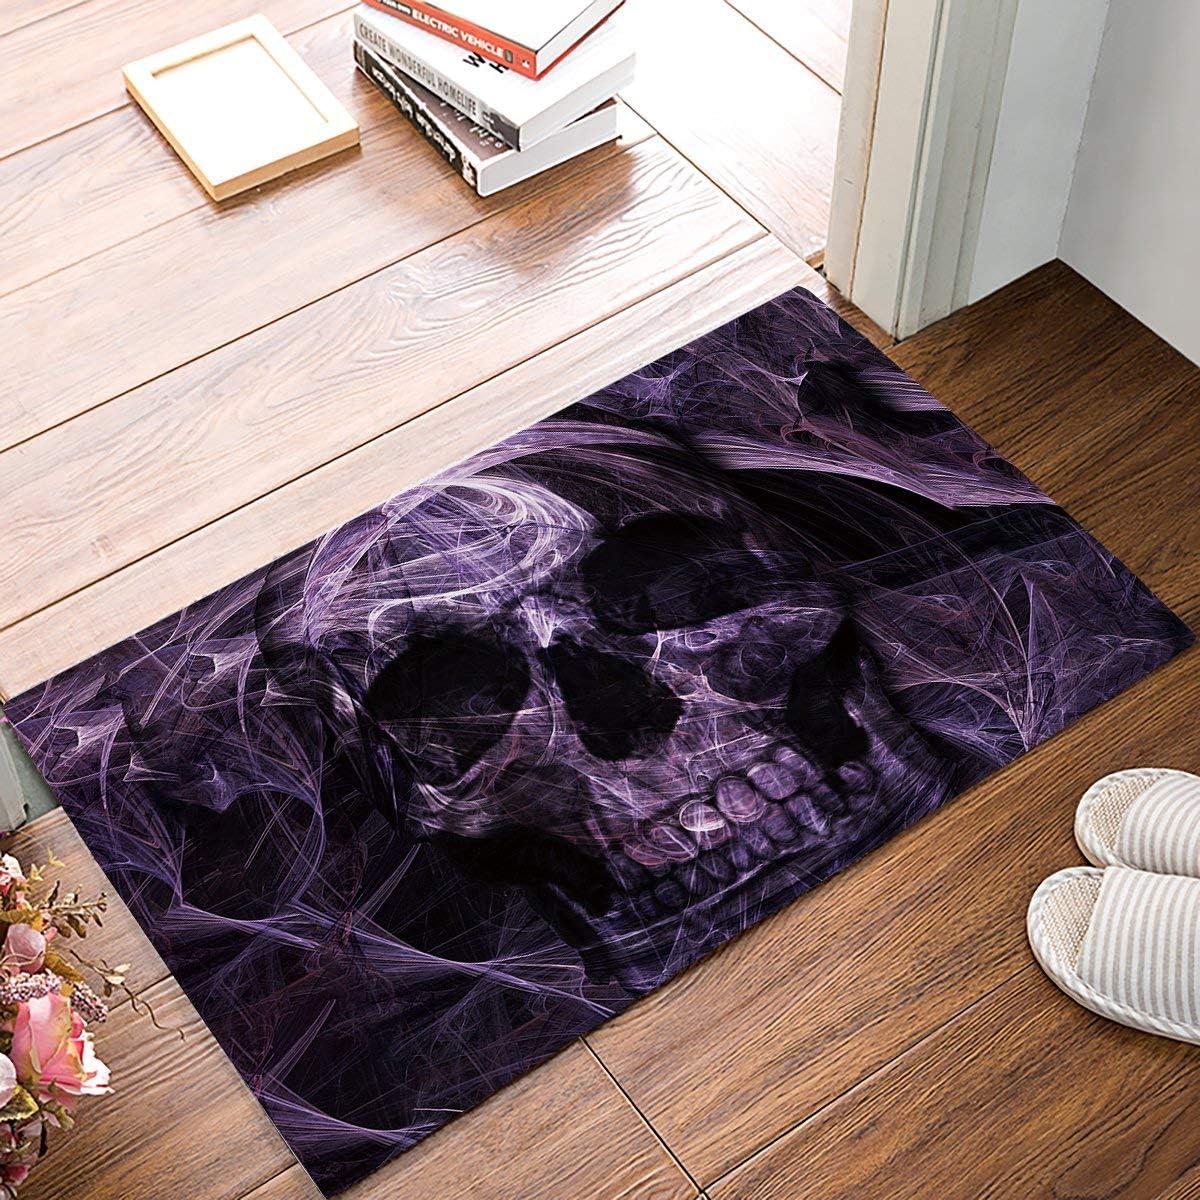 SIMIGREE 30 x 18 Inch Abstract Mystic Purple Skull Door Mats Kitchen Floor Bath Entrance Rug Mat Absorbent Indoor Bathroom Decor Doormats Rubber Non Slip